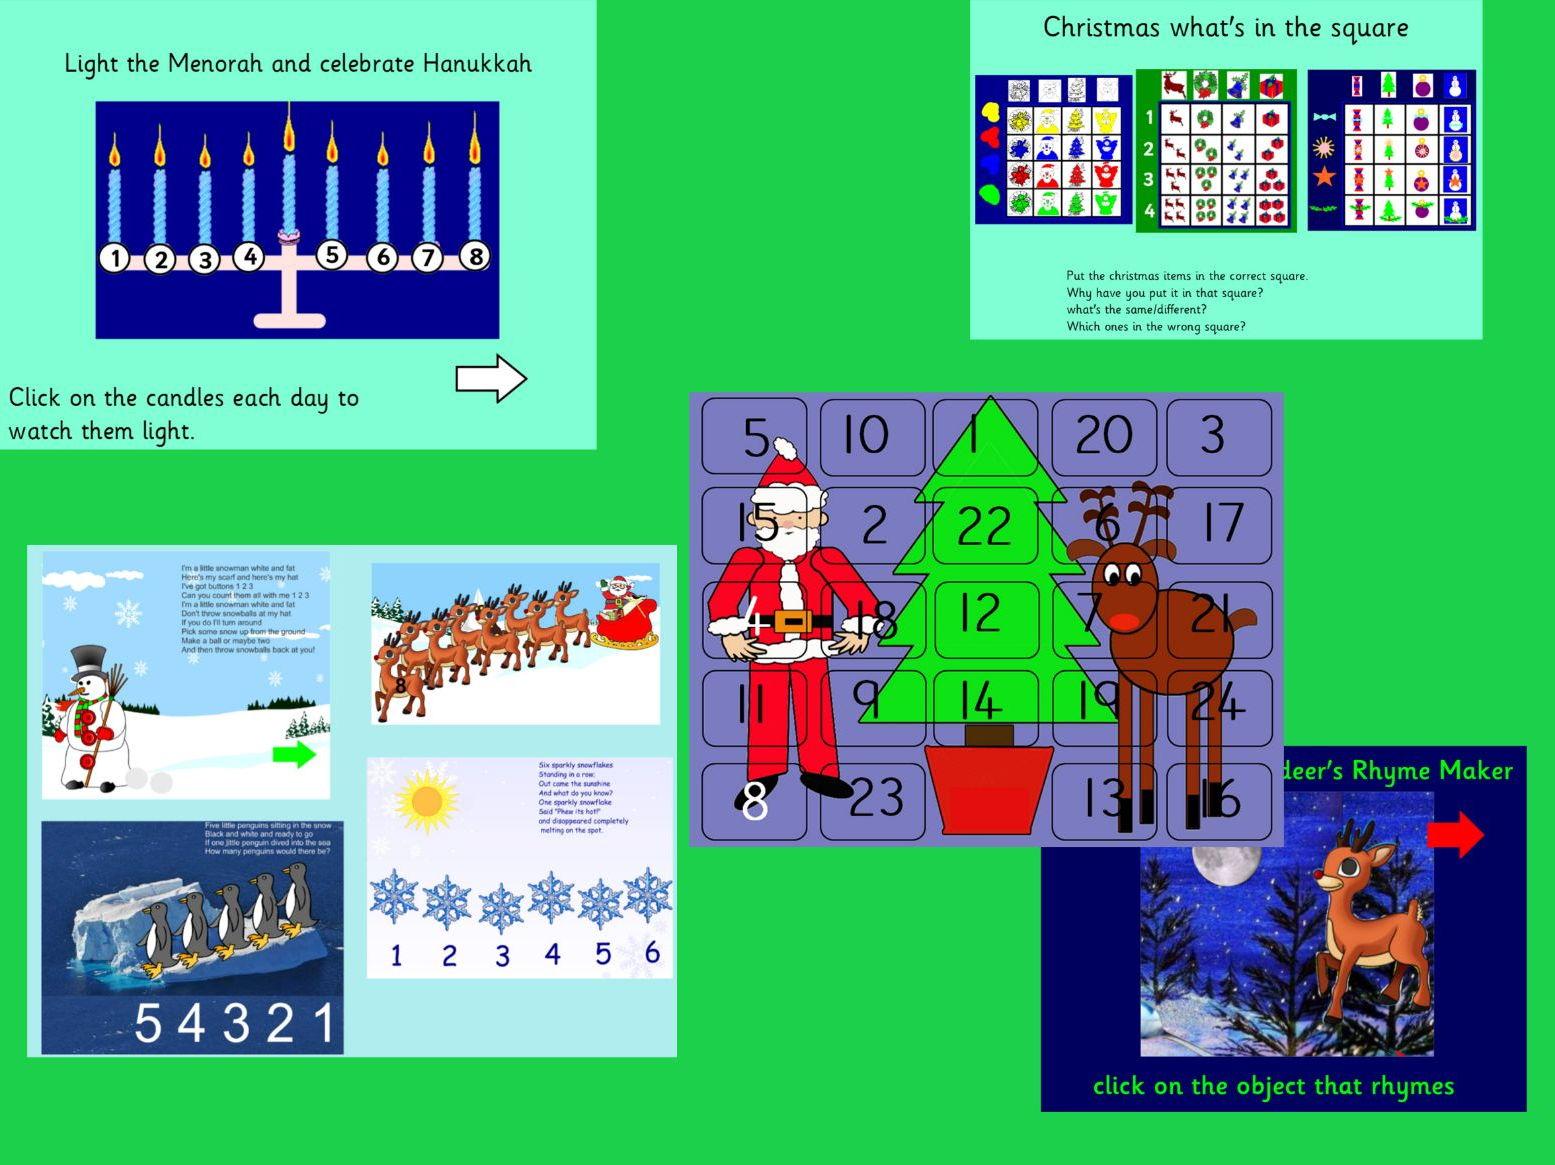 Christmas and seasonal celebrations